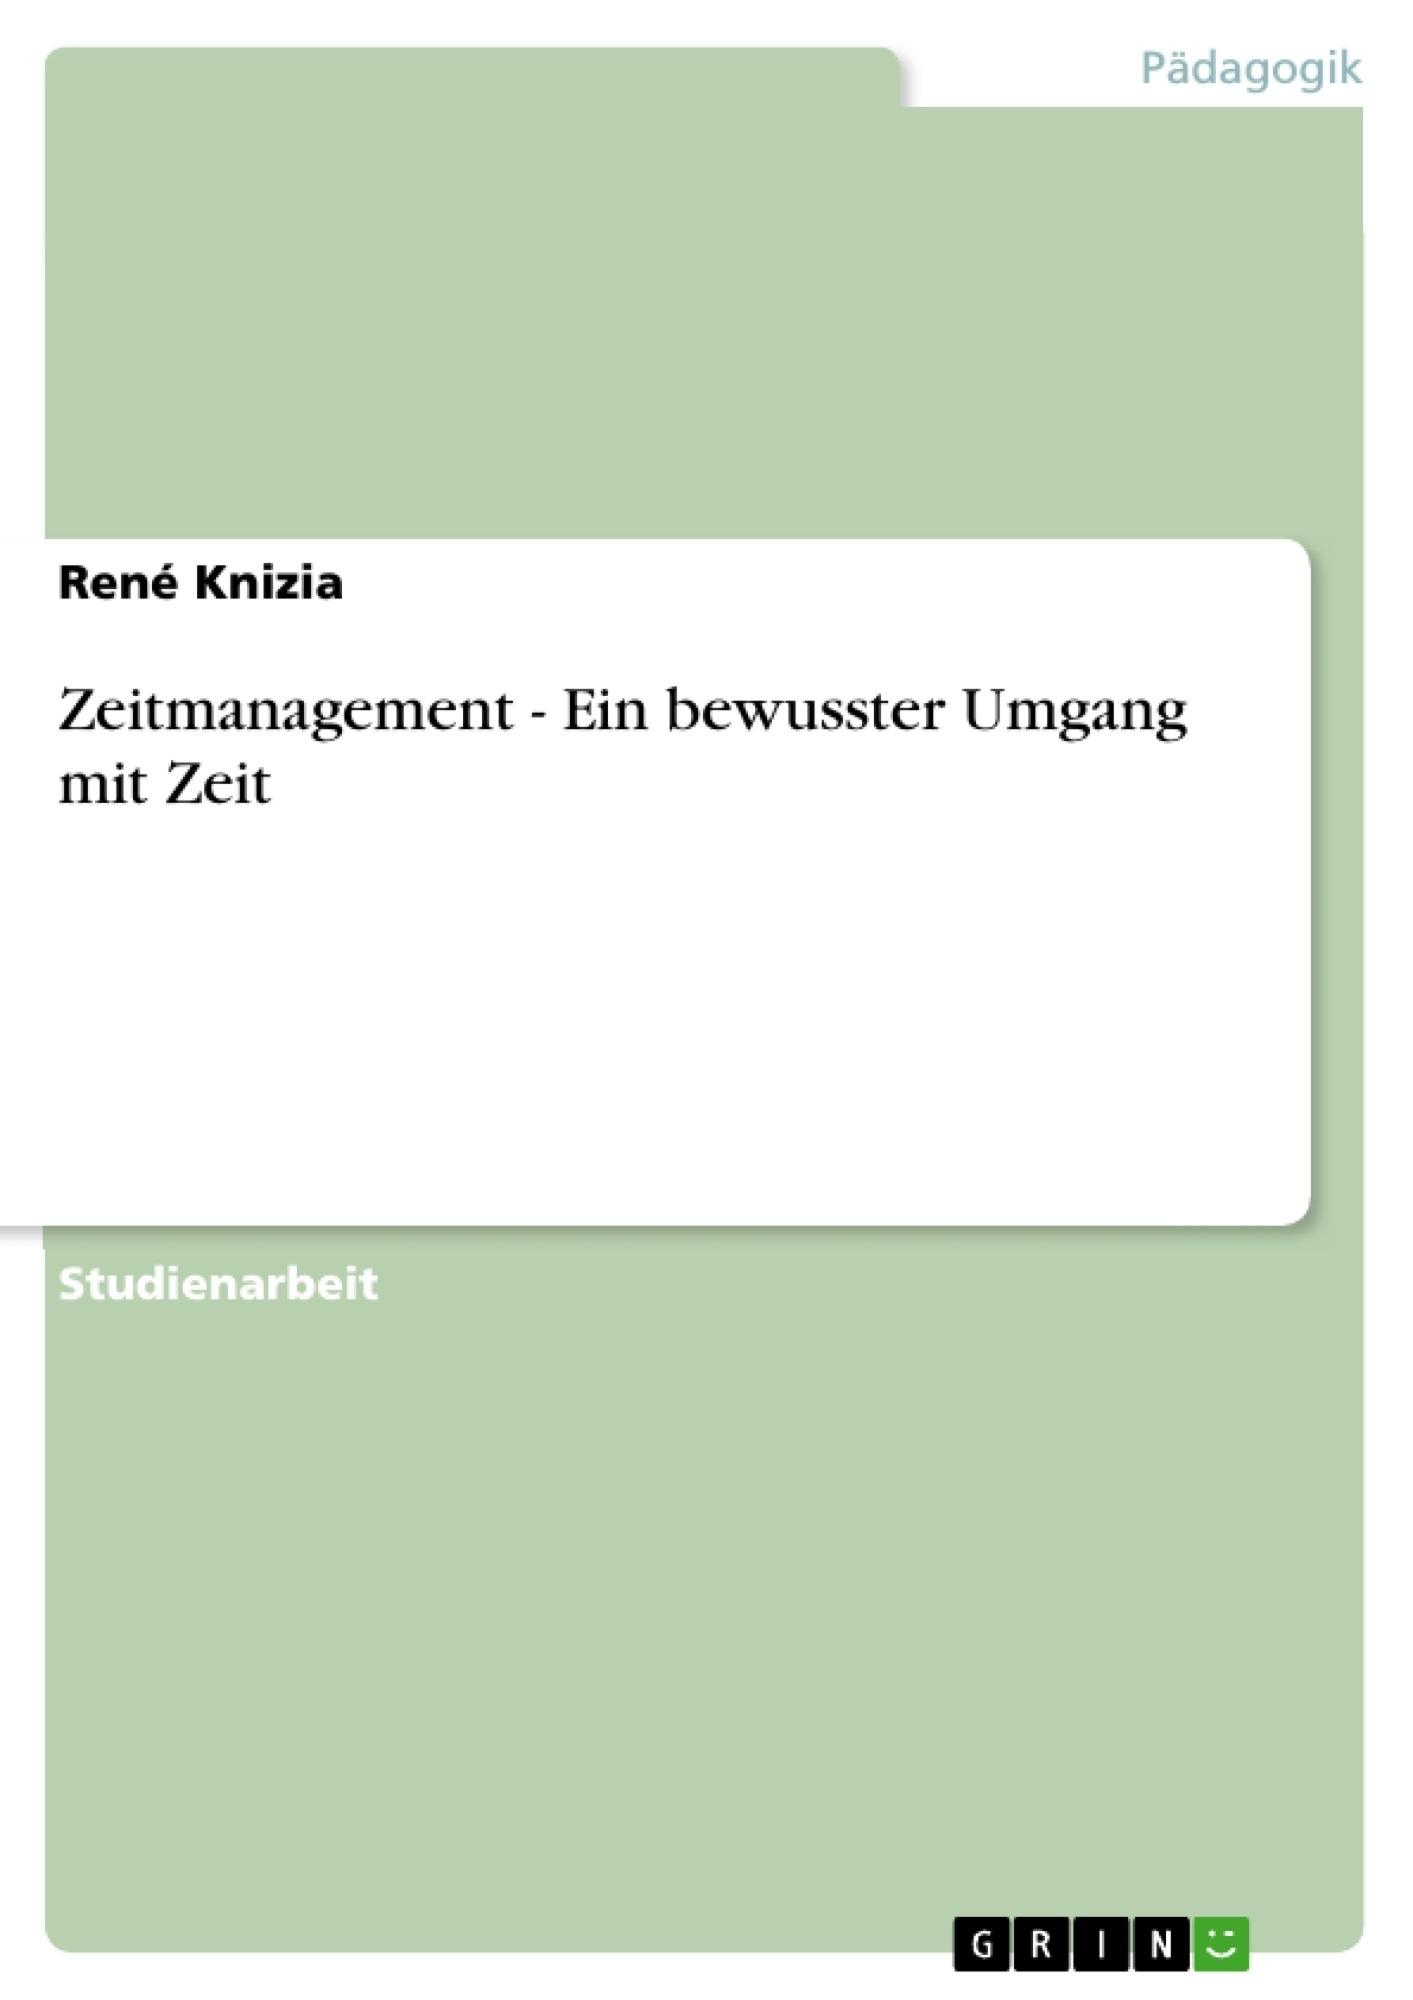 Titel: Zeitmanagement - Ein bewusster Umgang mit Zeit